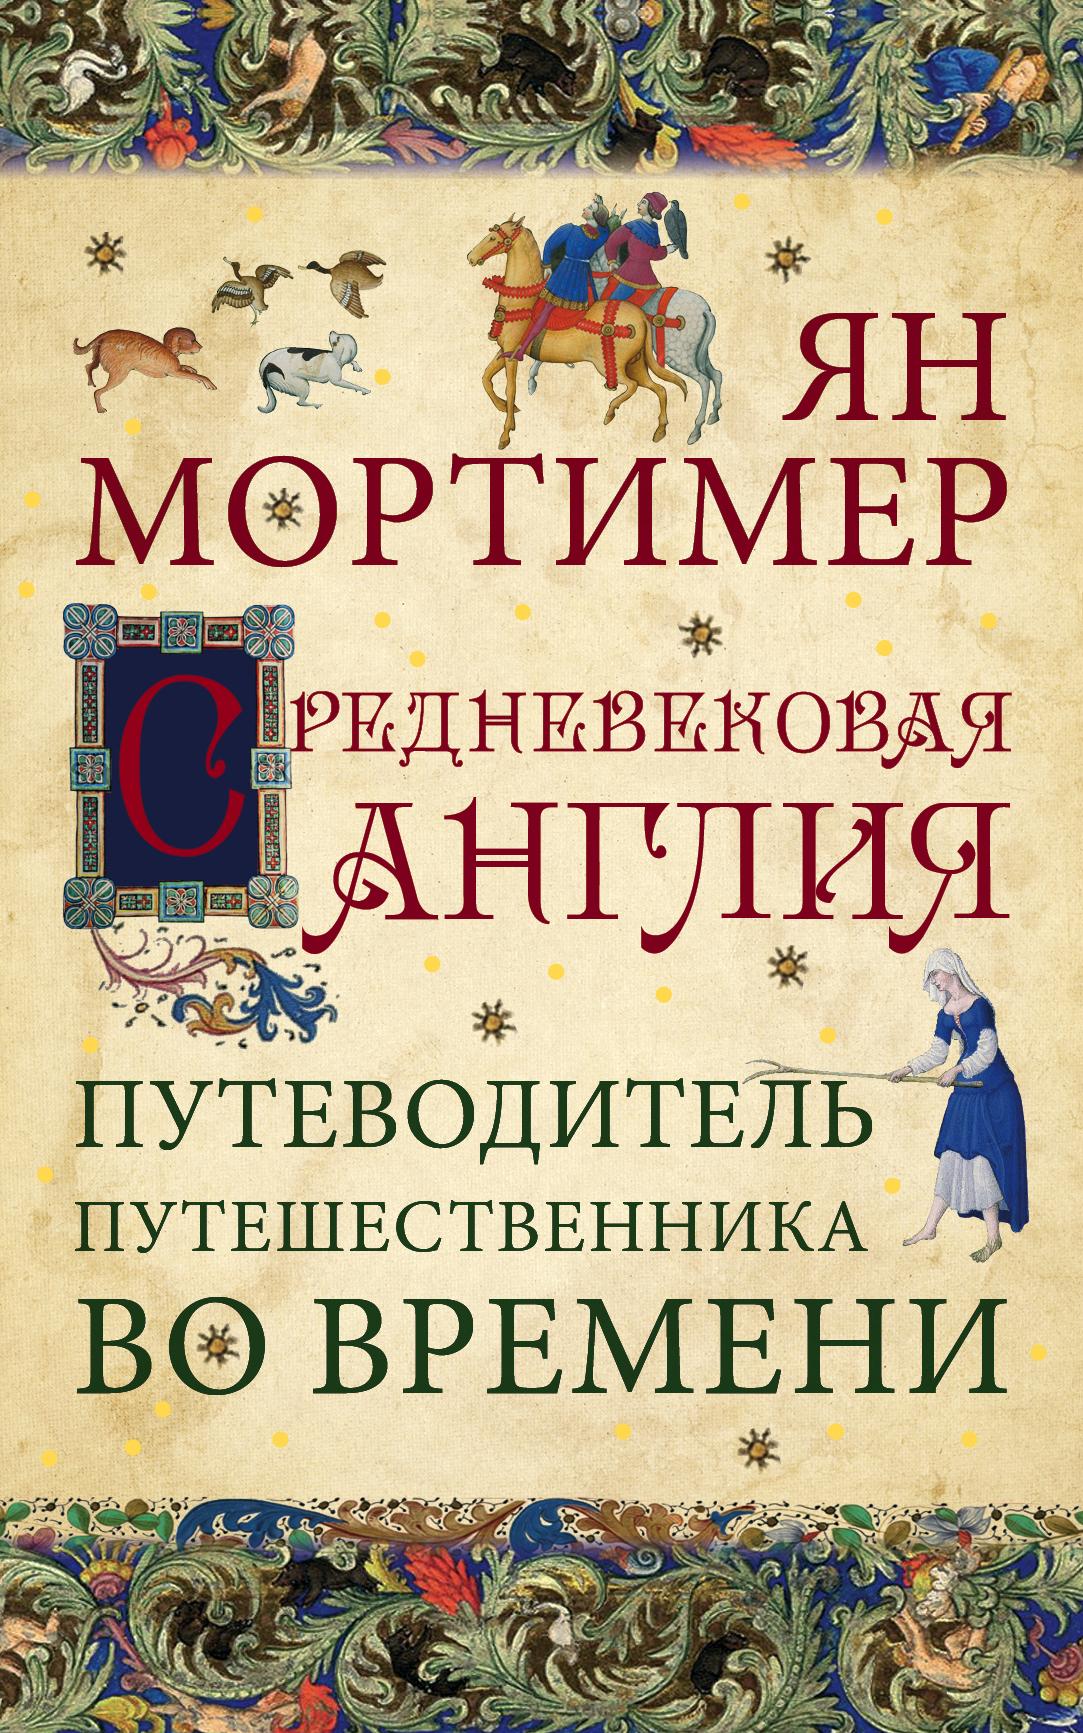 Средневековая Англия. Путеводитель путешественника во времени. Нов. оф. ( Мортимер Я.  )